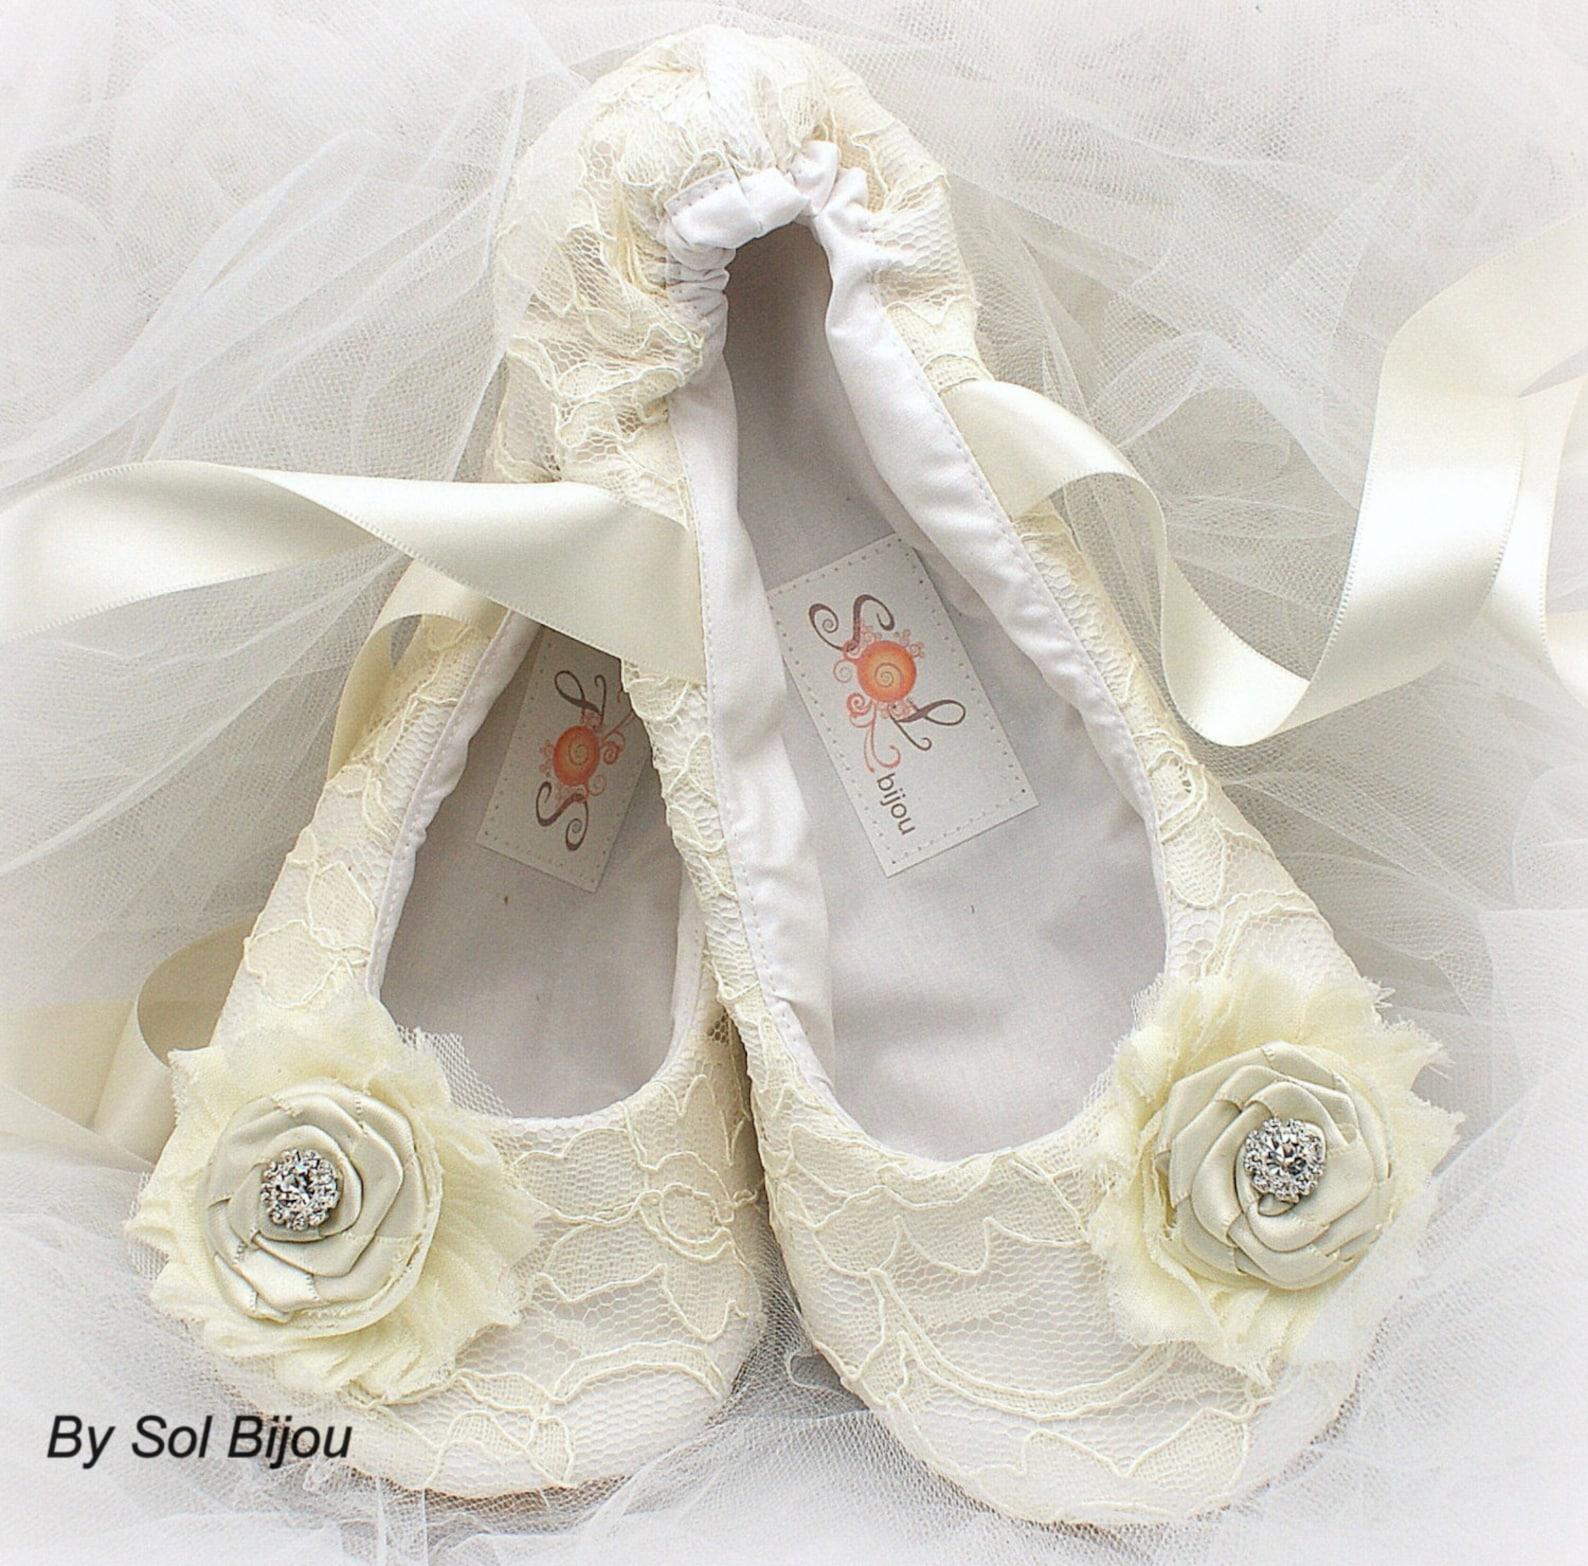 custom ballet flats shoes ivory ballet slippers wedding flats lace flats wedding shoes flower girl vintage style flats elegant w